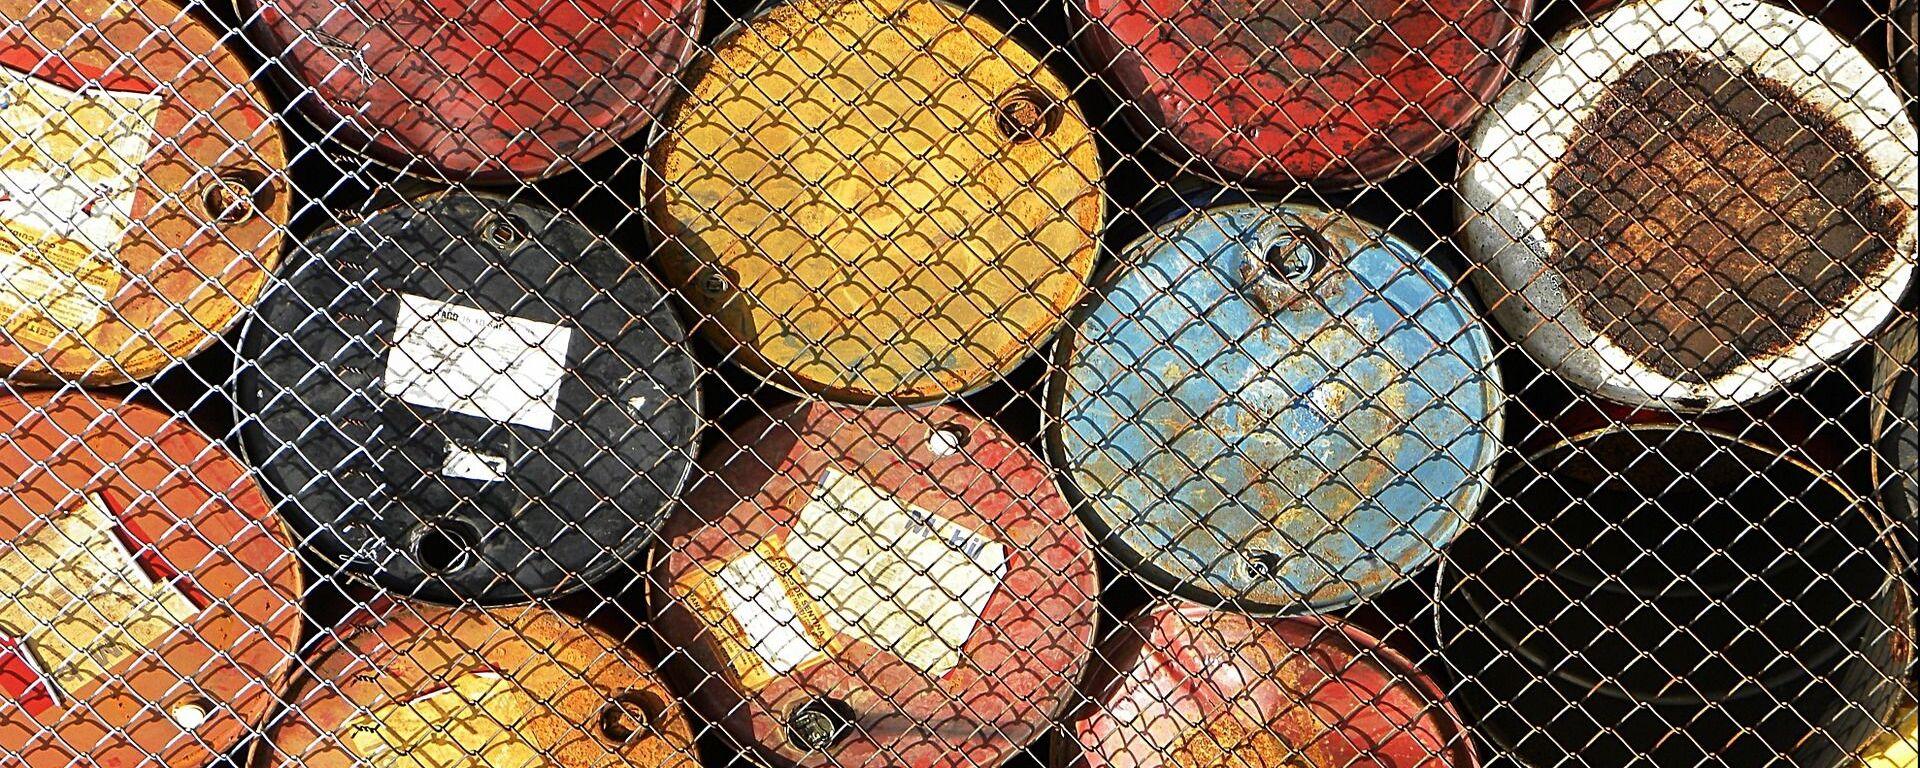 Barriles de petróleo - Sputnik Mundo, 1920, 15.04.2020